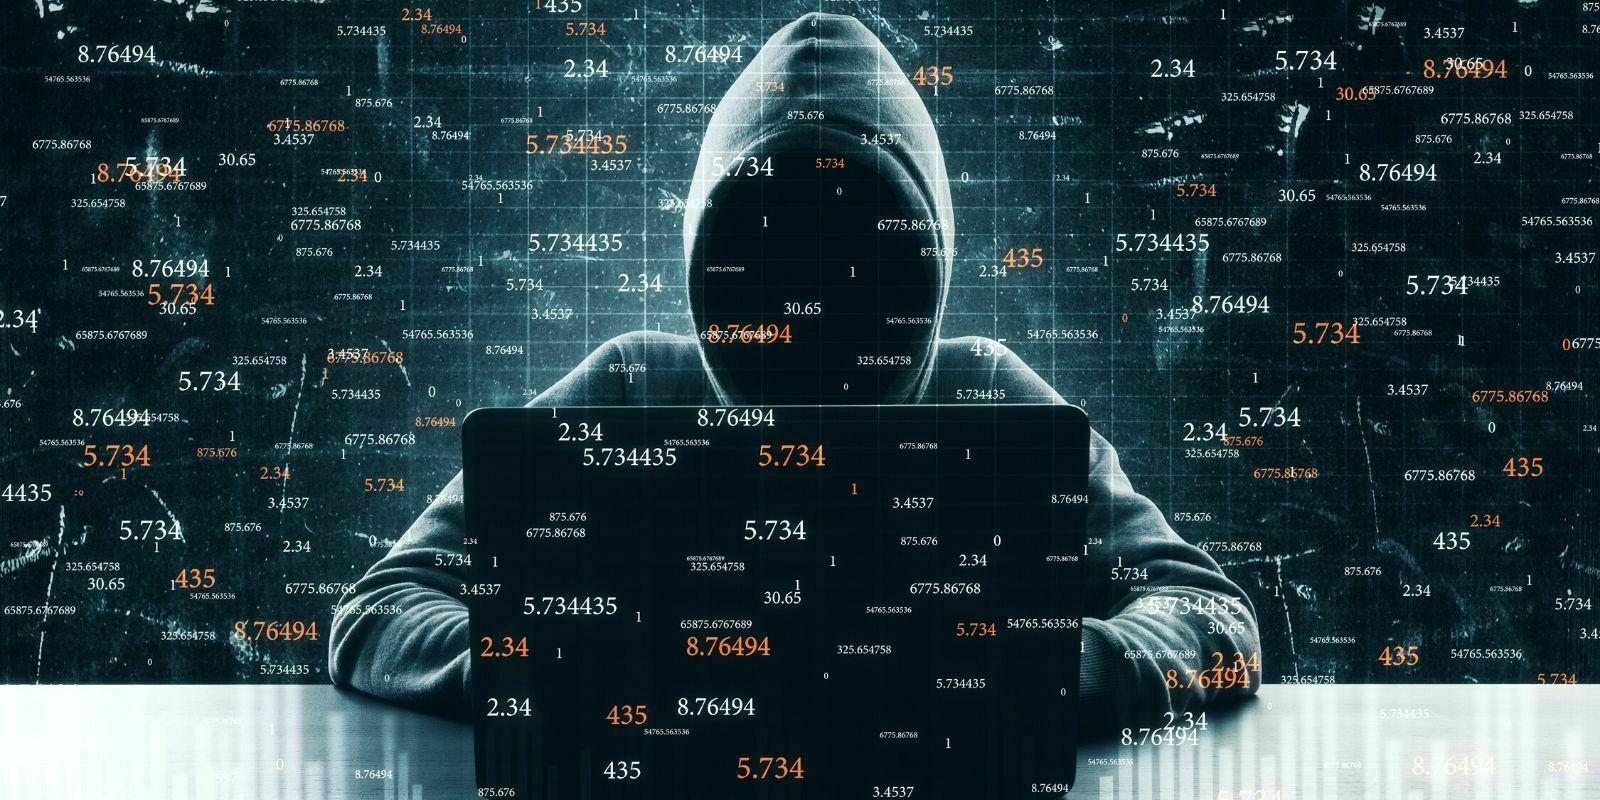 DeFi : un hacker subtilise $350k en exploitant le protocole Fulcrum de bZx